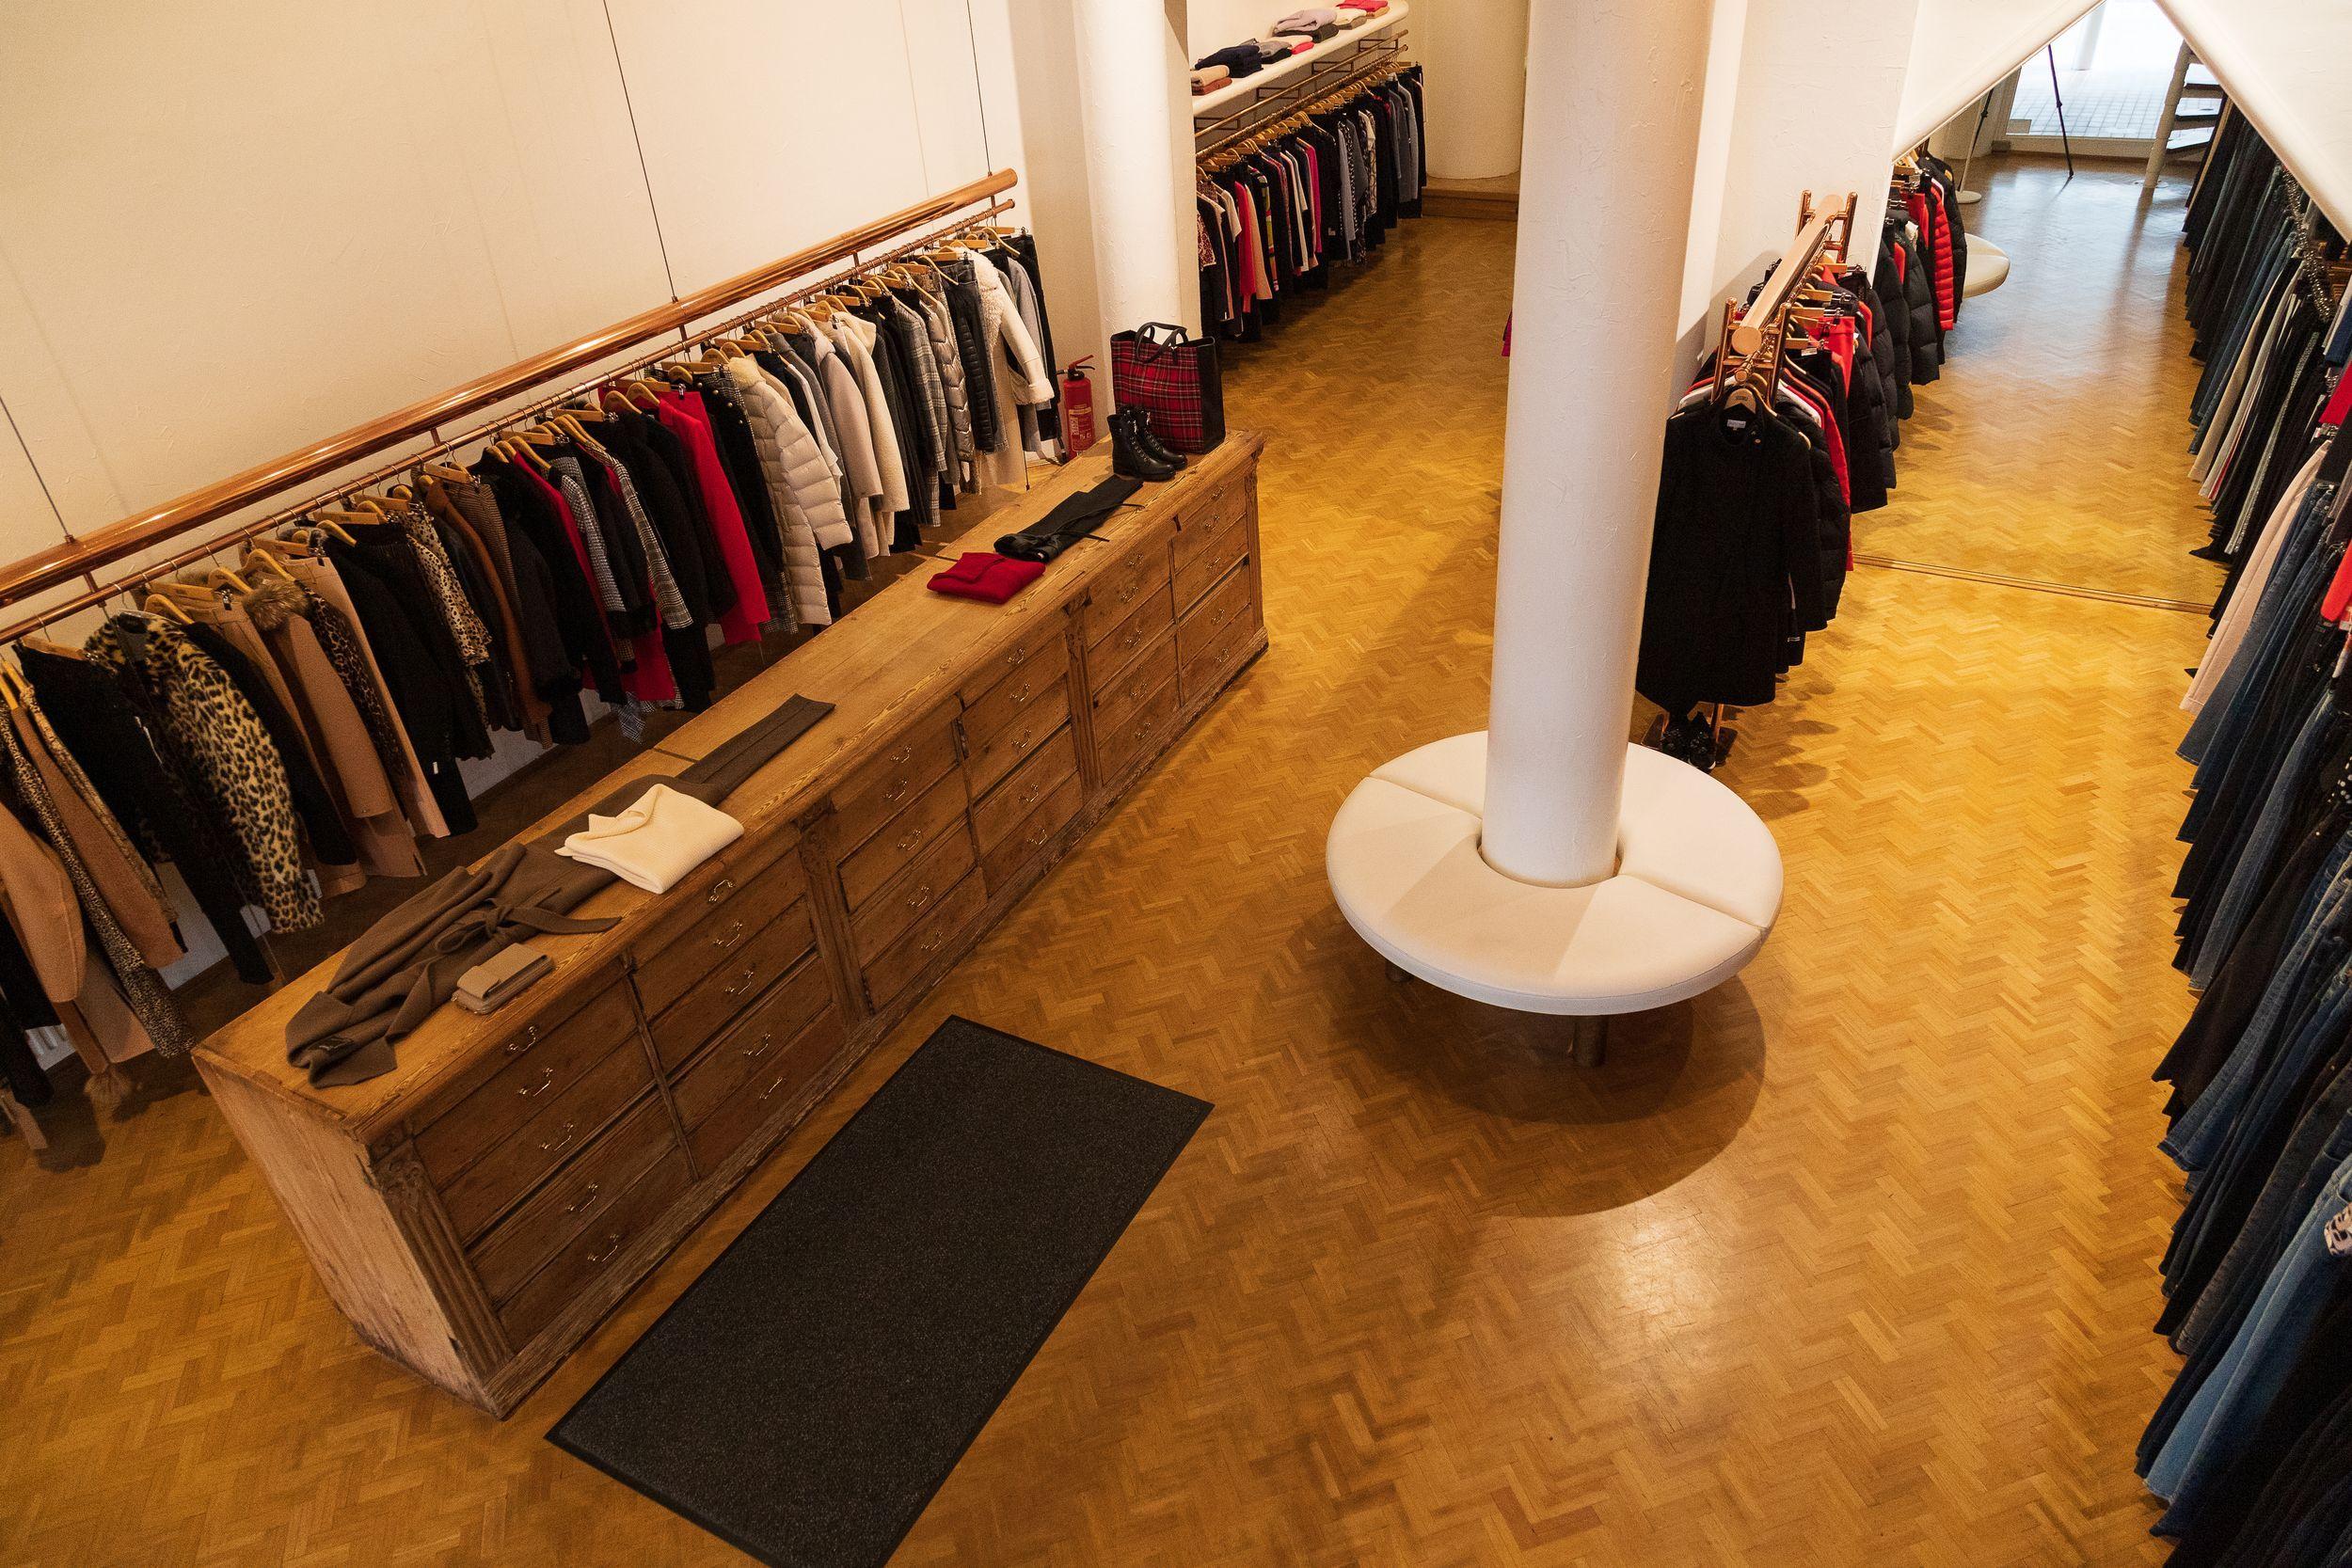 """Das Modehaus Sellnau in Lüneburg ist weit über die Grenzen der norddeutschen Stadt hinaus für hochwertige Mode bekannt. Kein Wunder – seit über 30 Jahren ist der Store mit seinem Standort in der beliebten Bardowicker Straße die erste Anlaufstelle in der Region, wenn Ladys die aktuellen sowie angesagten Fashion-Trends suchen. Seit dem 15. September 2020 ist das Geschäft nun in neuen Händen. Die ehemalige Gründerin und Inhaberin geht in den Ruhestand – und macht den Weg frei für neue Fashionistas. Ab jetzt leitet die ausgewiesene Mode-Expertin Sandra Fries das Tagesgeschäft vor Ort. Mit ihrer Expertise sowie dem Gespür für Trends möchte sie zukünftig auch junge Designerlabel im etablierten Store anbieten. """"Unser Sortiment besteht nach wie vor in erster Linie aus den bekannten Luxus- und Premiummarken, allerdings ergänzen wir das Angebot zukünftig ebenfalls durch neue sowie jüngere Brands. Somit wird das bestehende Geschäft beim Warenangebot soft ausgebaut"""", sagt sie. Kundinnen können ab jetzt neben den etablierten Designern wie Versace, Missoni, Patrizia Pepe und Diane von Fürstenberg also ebenfalls angesagte It-Teile entdecken, die auf den Fashion-Shows in Mailand, Paris und New York international für Trends sorgten. Online ist Katharina Bakrac für den Auftritt von Sellnau verantwortlich, die den Store im Internet und in Social Media bundesweit bekannter machen soll. Katharina Bakrac ist die Tochter von Sabia Boulahrouz und als Celebrity-Kid seit Jahren bestens mit den Looks der internationalen Laufstege vertraut. Als Gesellschafter der Sellnau Warenhandels GmbH sind mit Sandra Fries, Katharina Bakrac und dem Sohn der ehemaligen Inhaberin, Star-DJ Andreas Quick, kompetente Kaufleute und Mode-Experten aktiv, die das Thema Fashion nicht nur geschäftlich, sondern auch privat leben – und lieben. Sellnau Mode bietet im Store in Lüneburg seit über 30 Jahren angesagte Fashion an, unter anderem von Versace, Missoni, Patrizia Pepe, Diane von Fürstenberg, Iheart, Liu Jo, Nikki"""